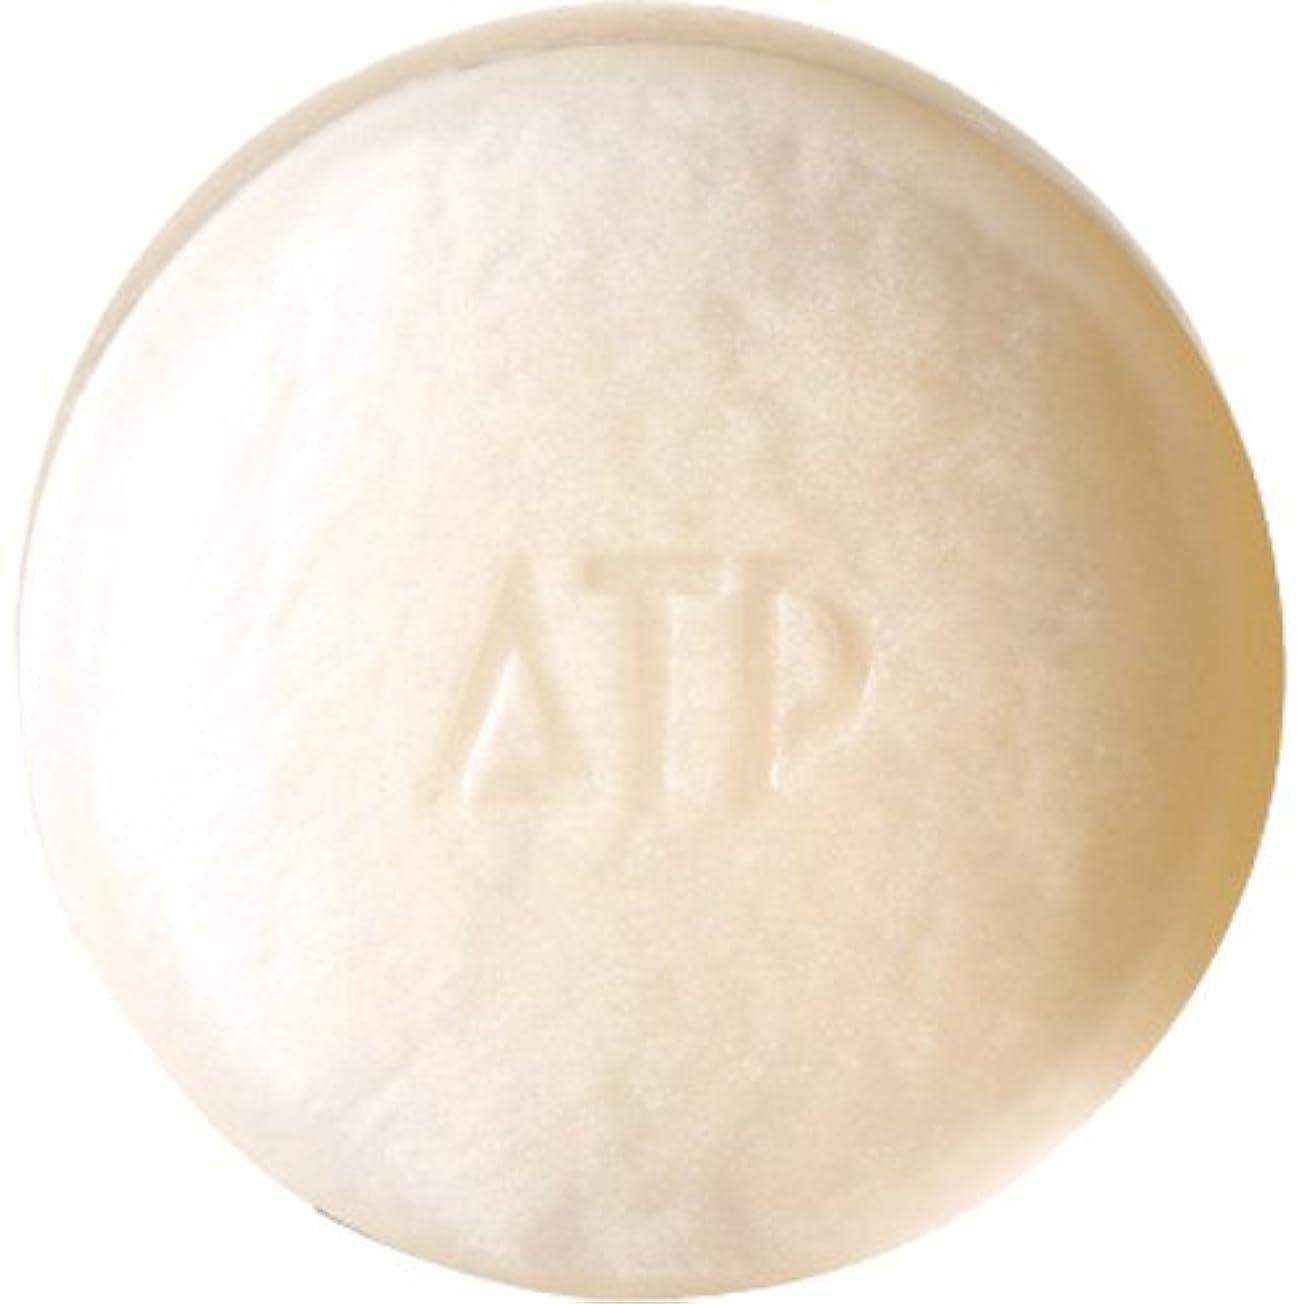 タオル行く成熟薬用ATP デリケアソープ 100g ケースなし (全身用洗浄石けん?枠練り) [医薬部外品]